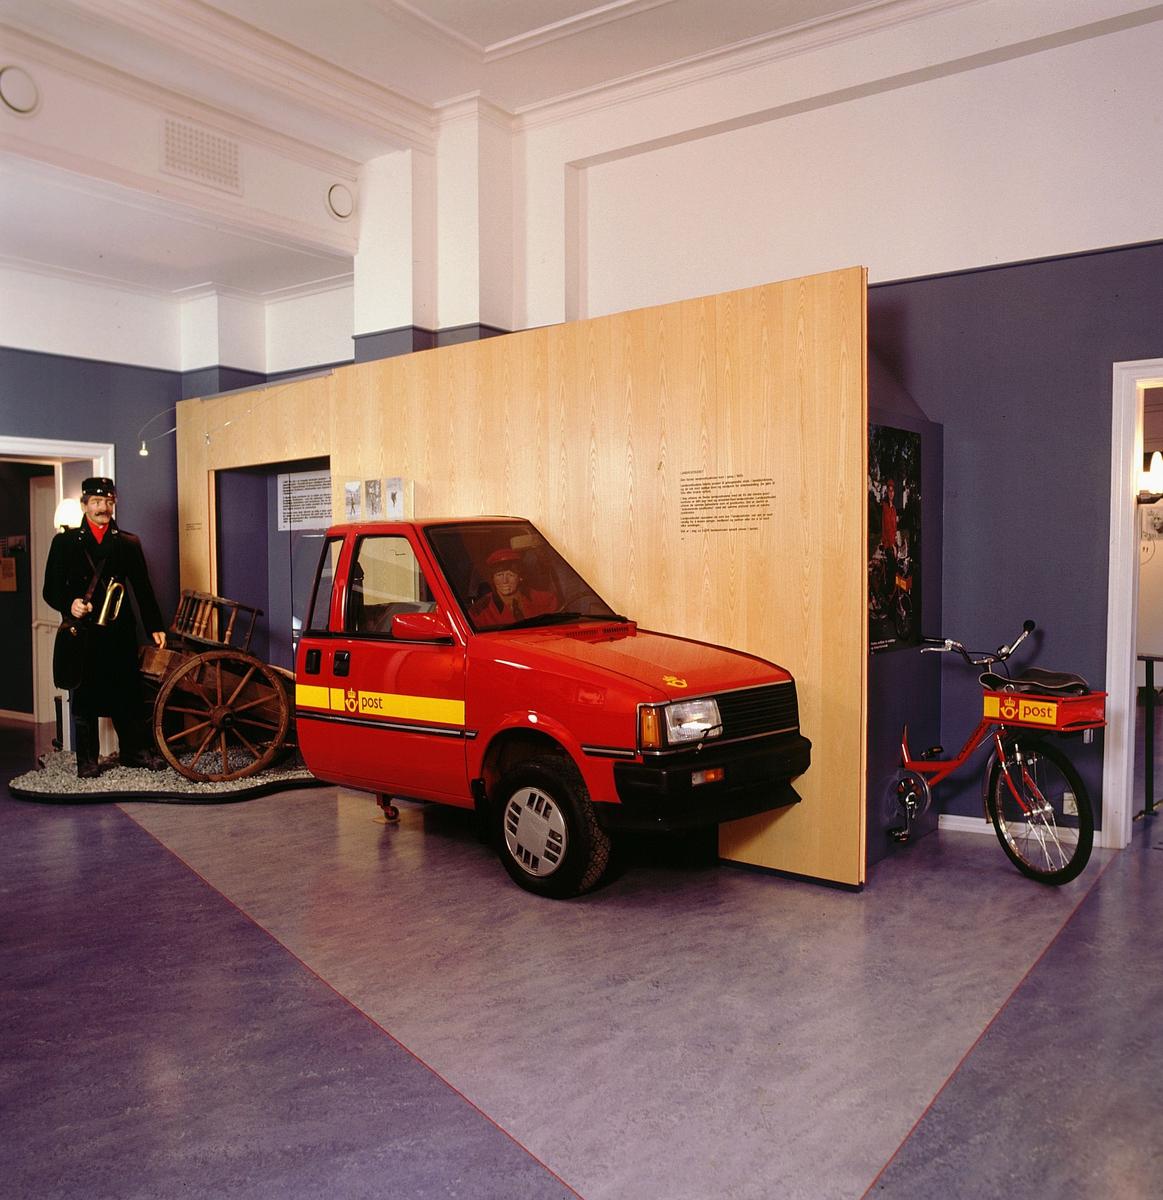 postmuseet, Kirkegata 20, utstilling, postbil, kjerre, postsykkel